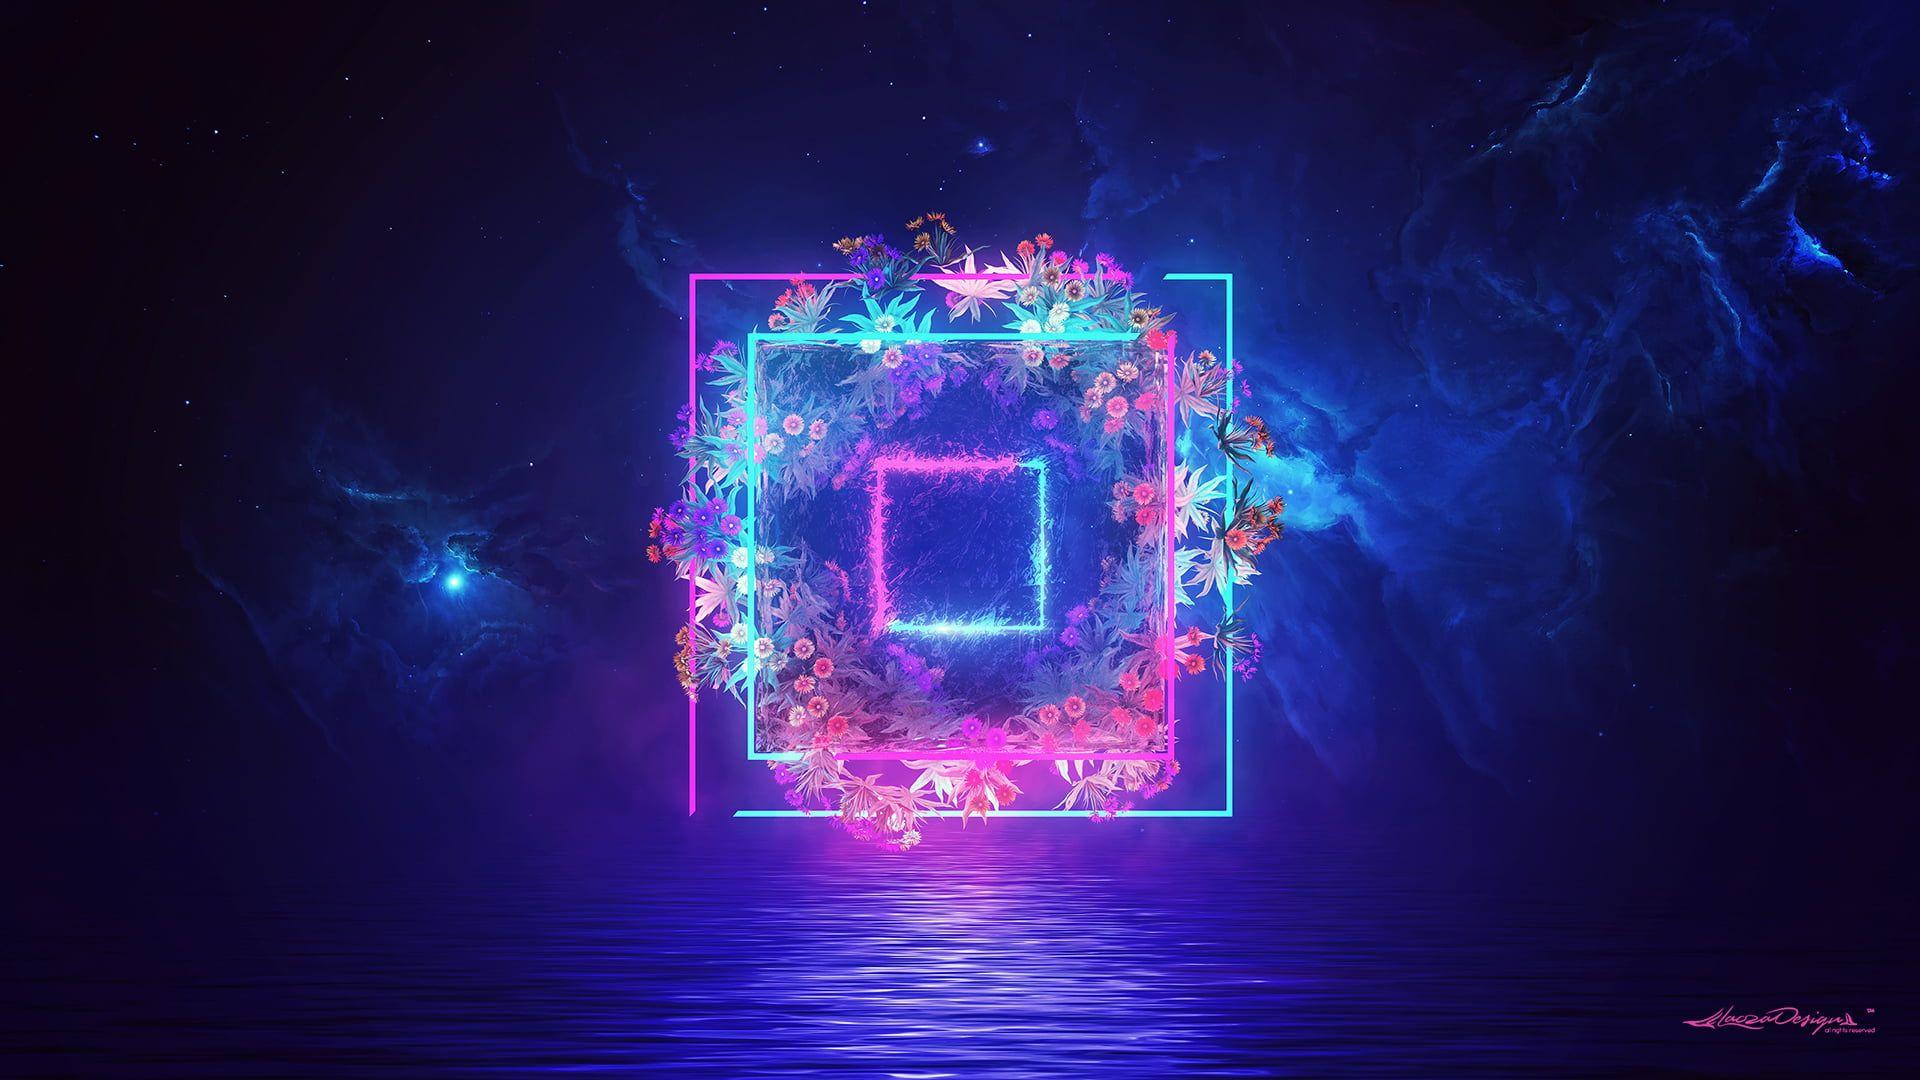 Digital Digital Art Artwork Blue Purple Lights Flowers Wallpaper In 2020 Flower Wallpaper Hd Wallpaper Neon